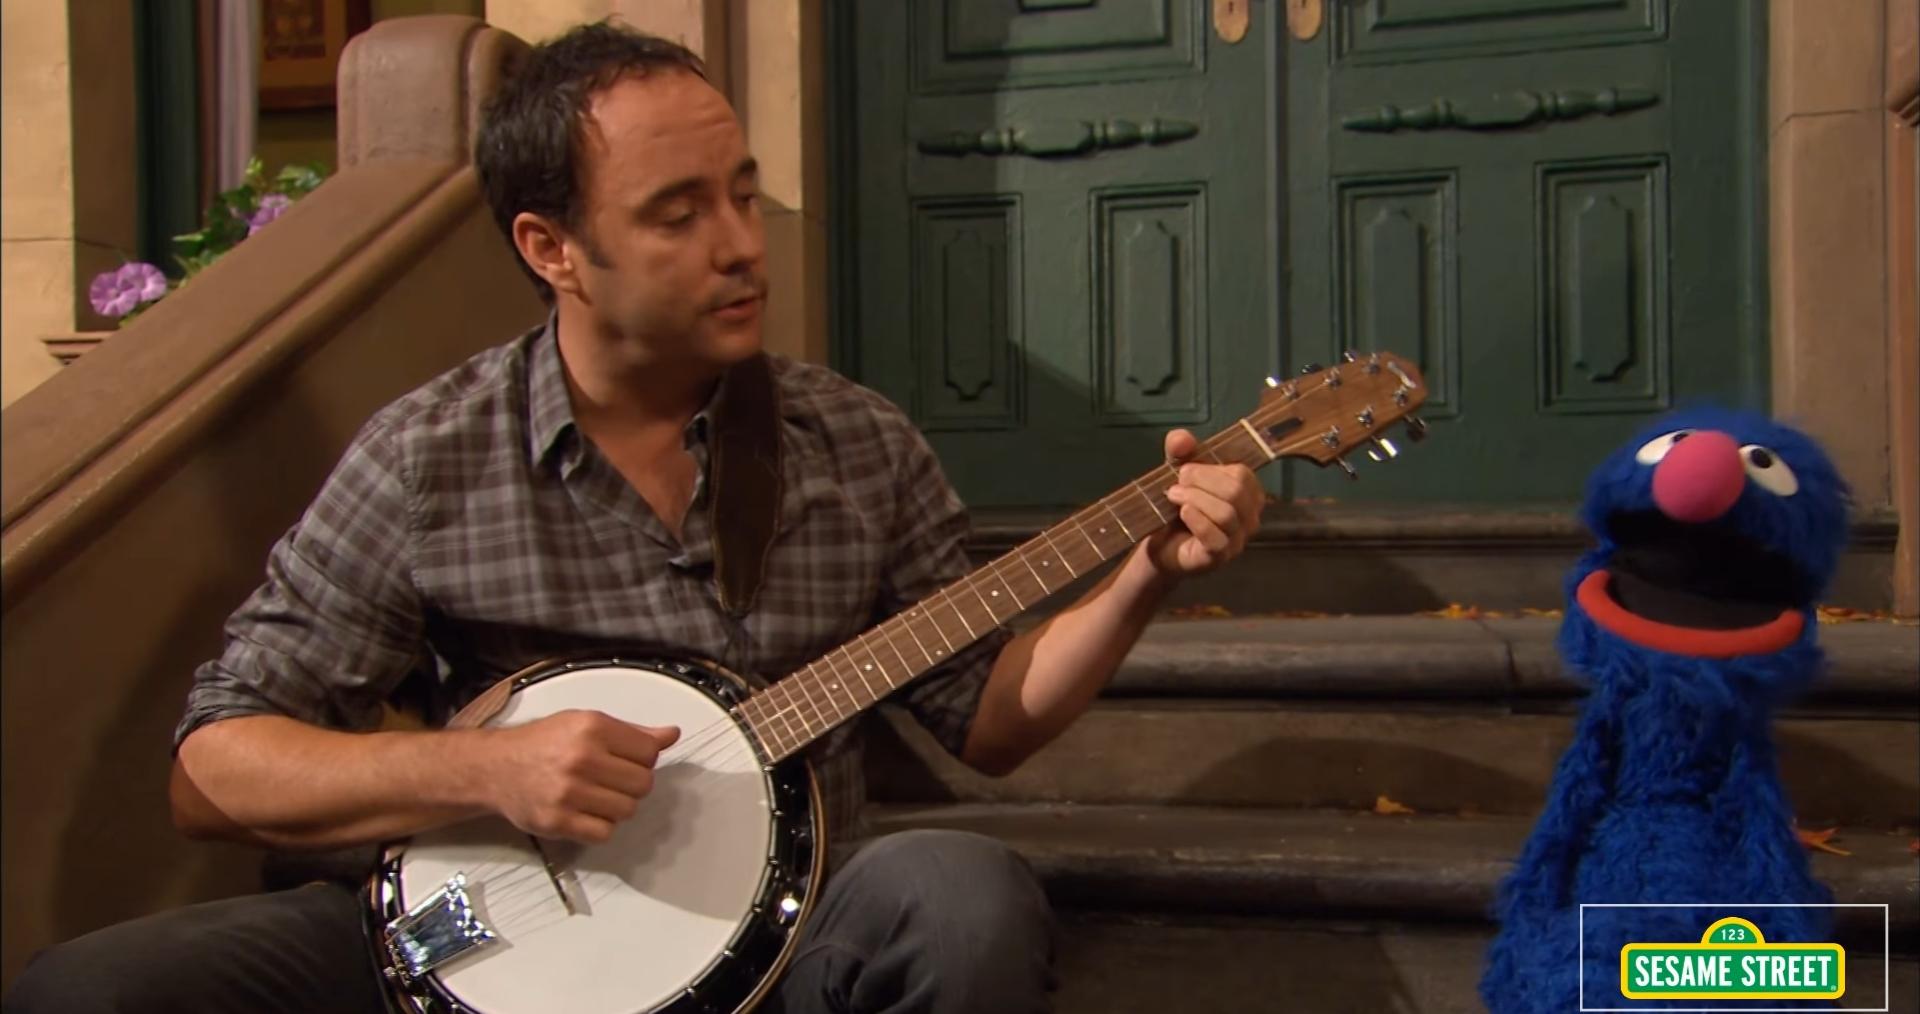 ¿Tenéis algún cantante o grupo favorito? Dave-Matthews-Sesame-Street-Screengrab-Crop